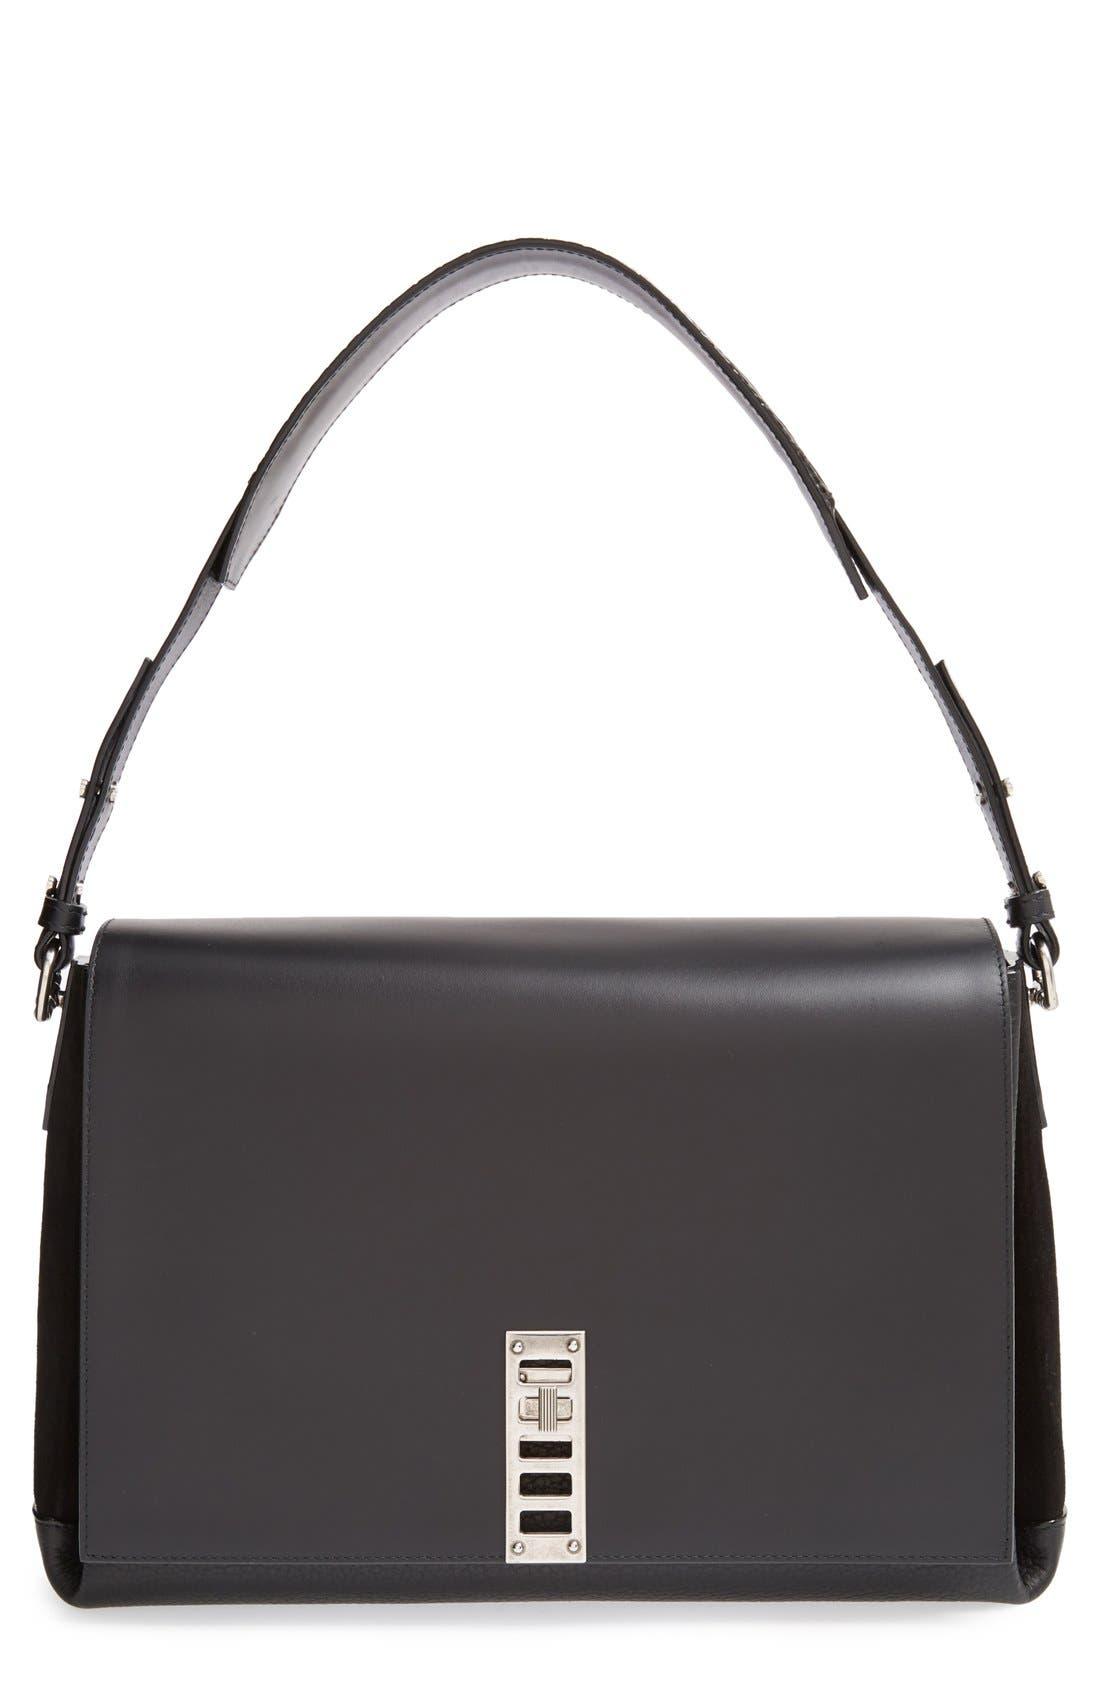 Main Image - Proenza Schouler 'Elliot' Leather Shoulder Bag